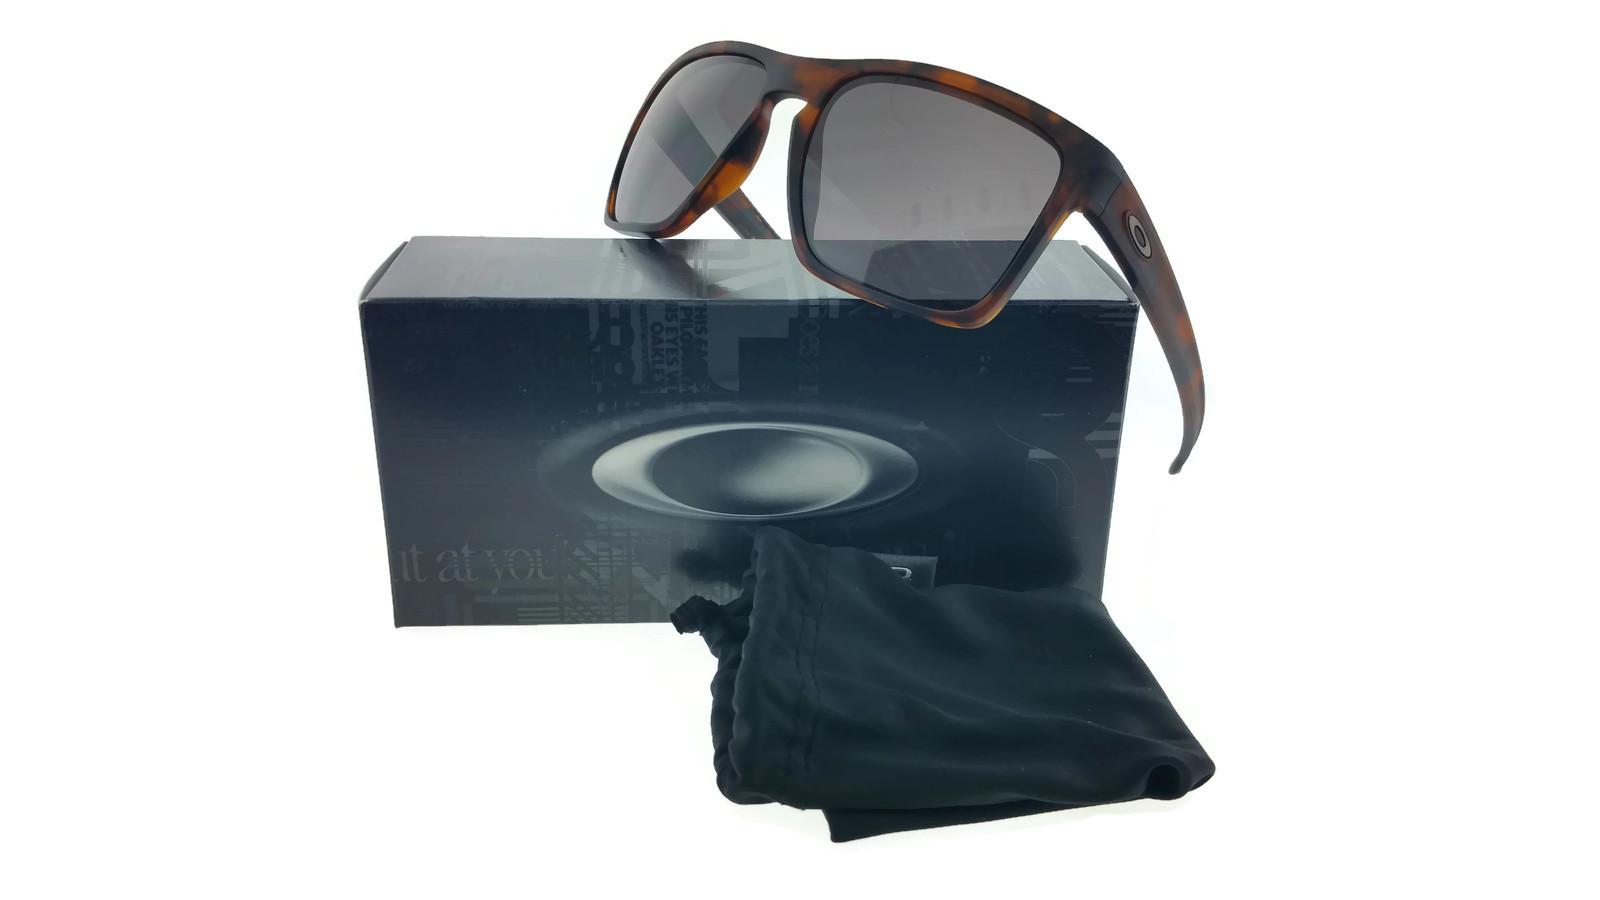 81a8de4f81 Oakley Motorcycle Goggles - Walmart.com